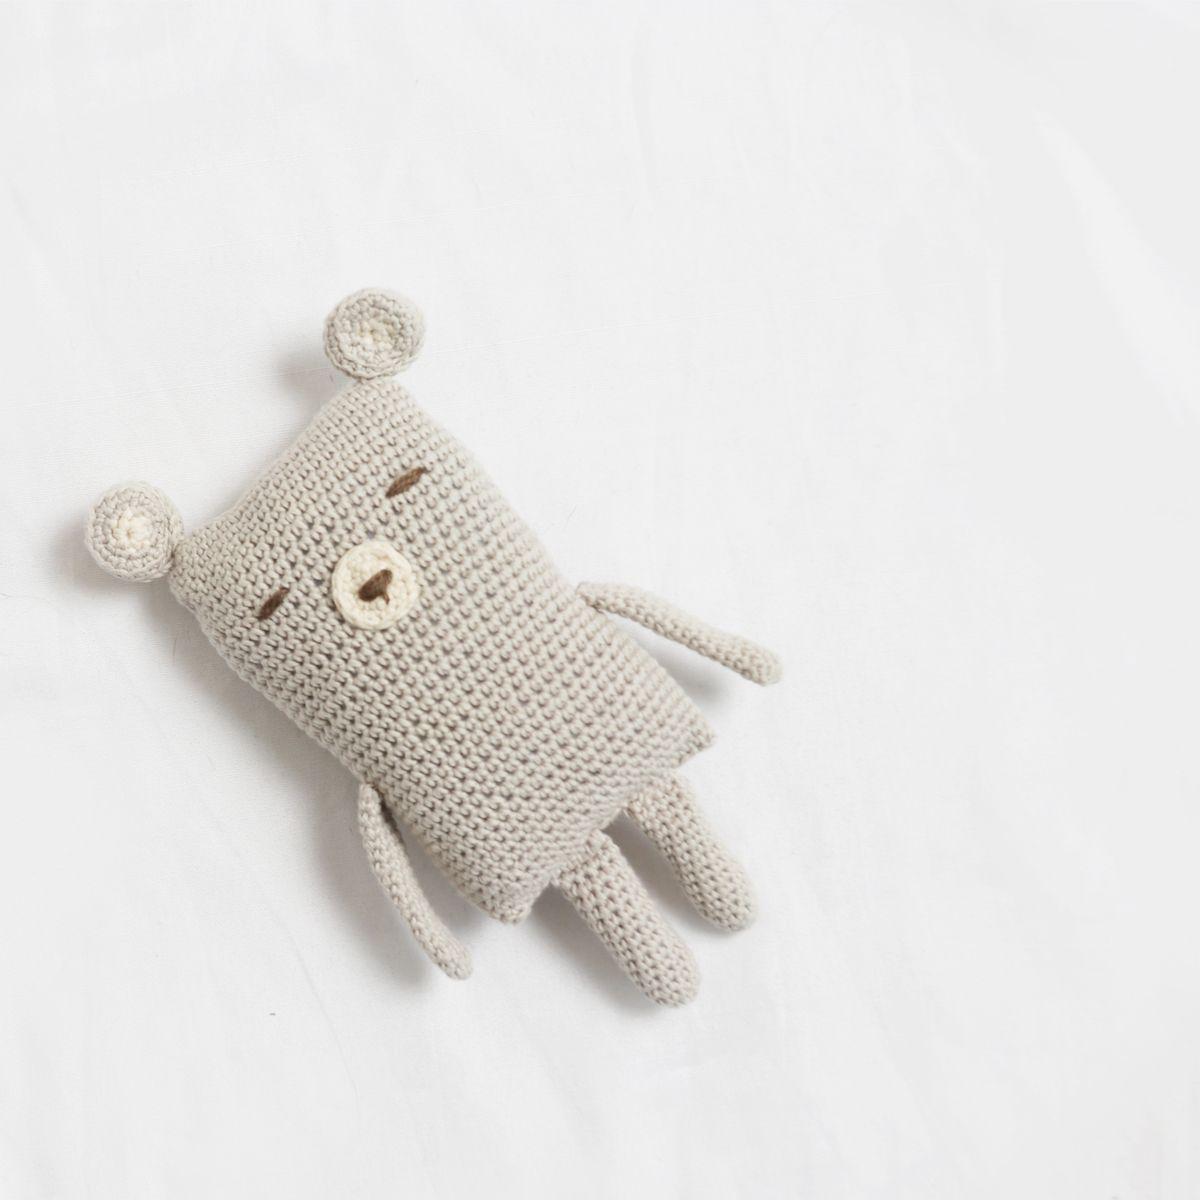 Bjorn the Free Crochet Bear by Ina Rho | Crochet Patterns | Pinterest